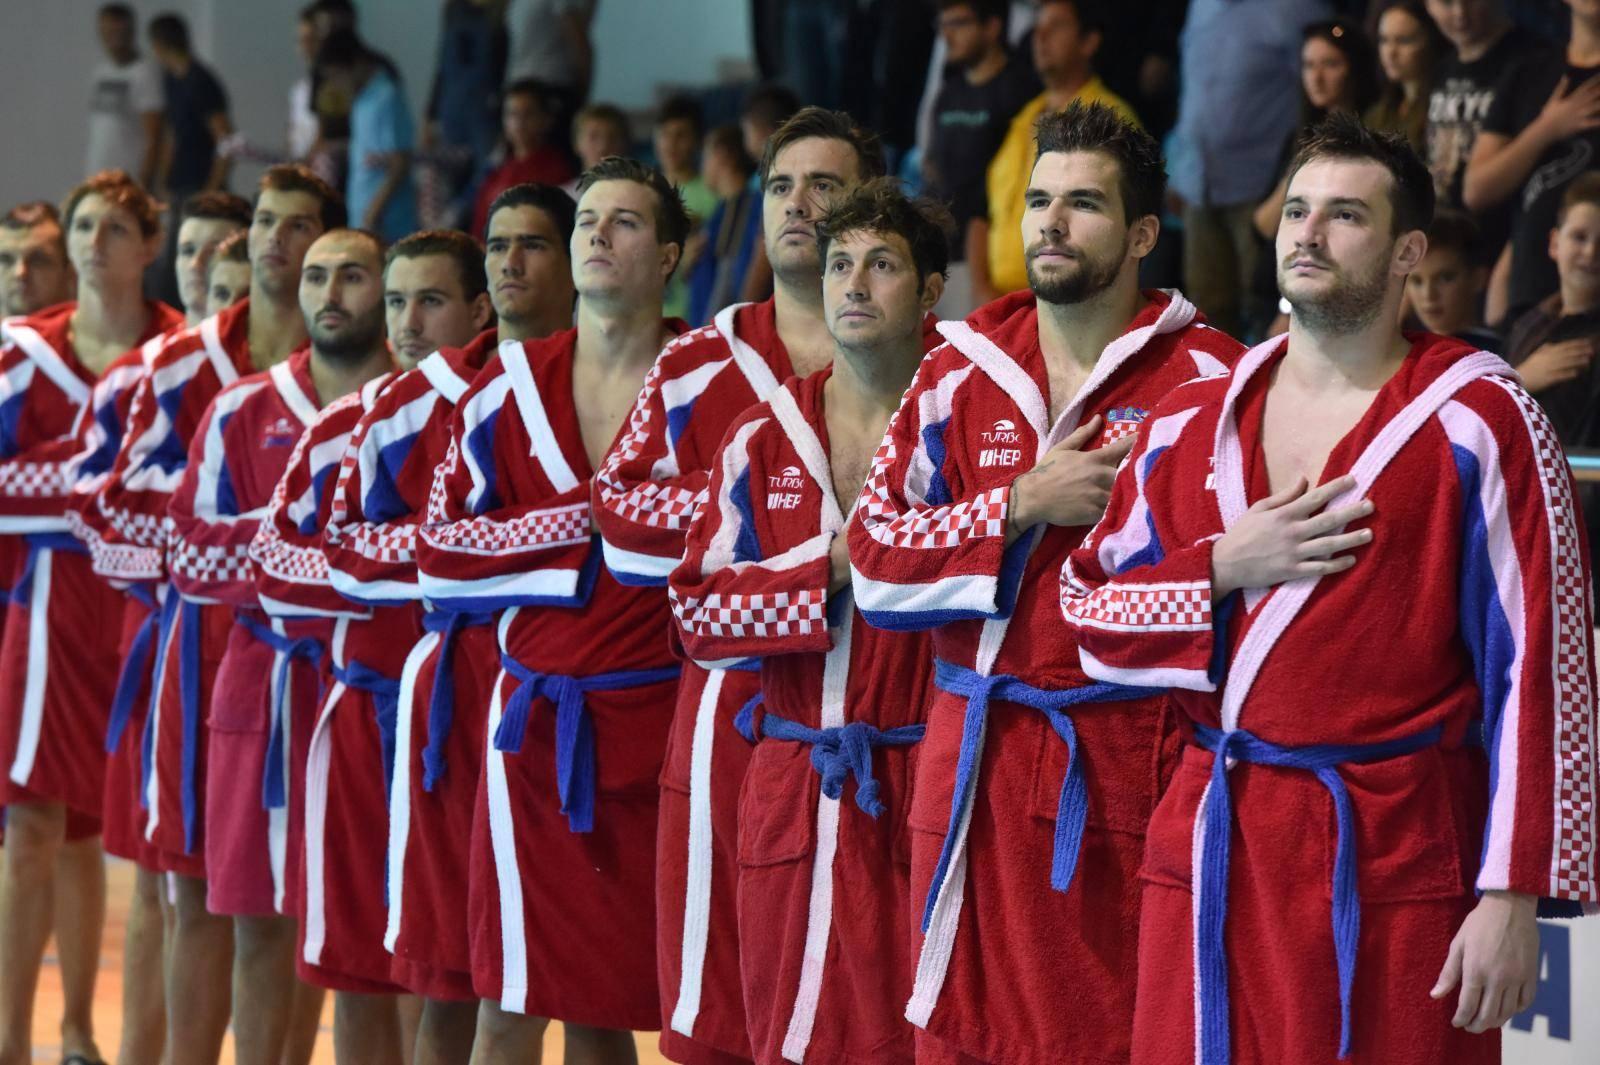 Nema novogodišnjeg poklona: Srbija ipak bolja od Hrvatske